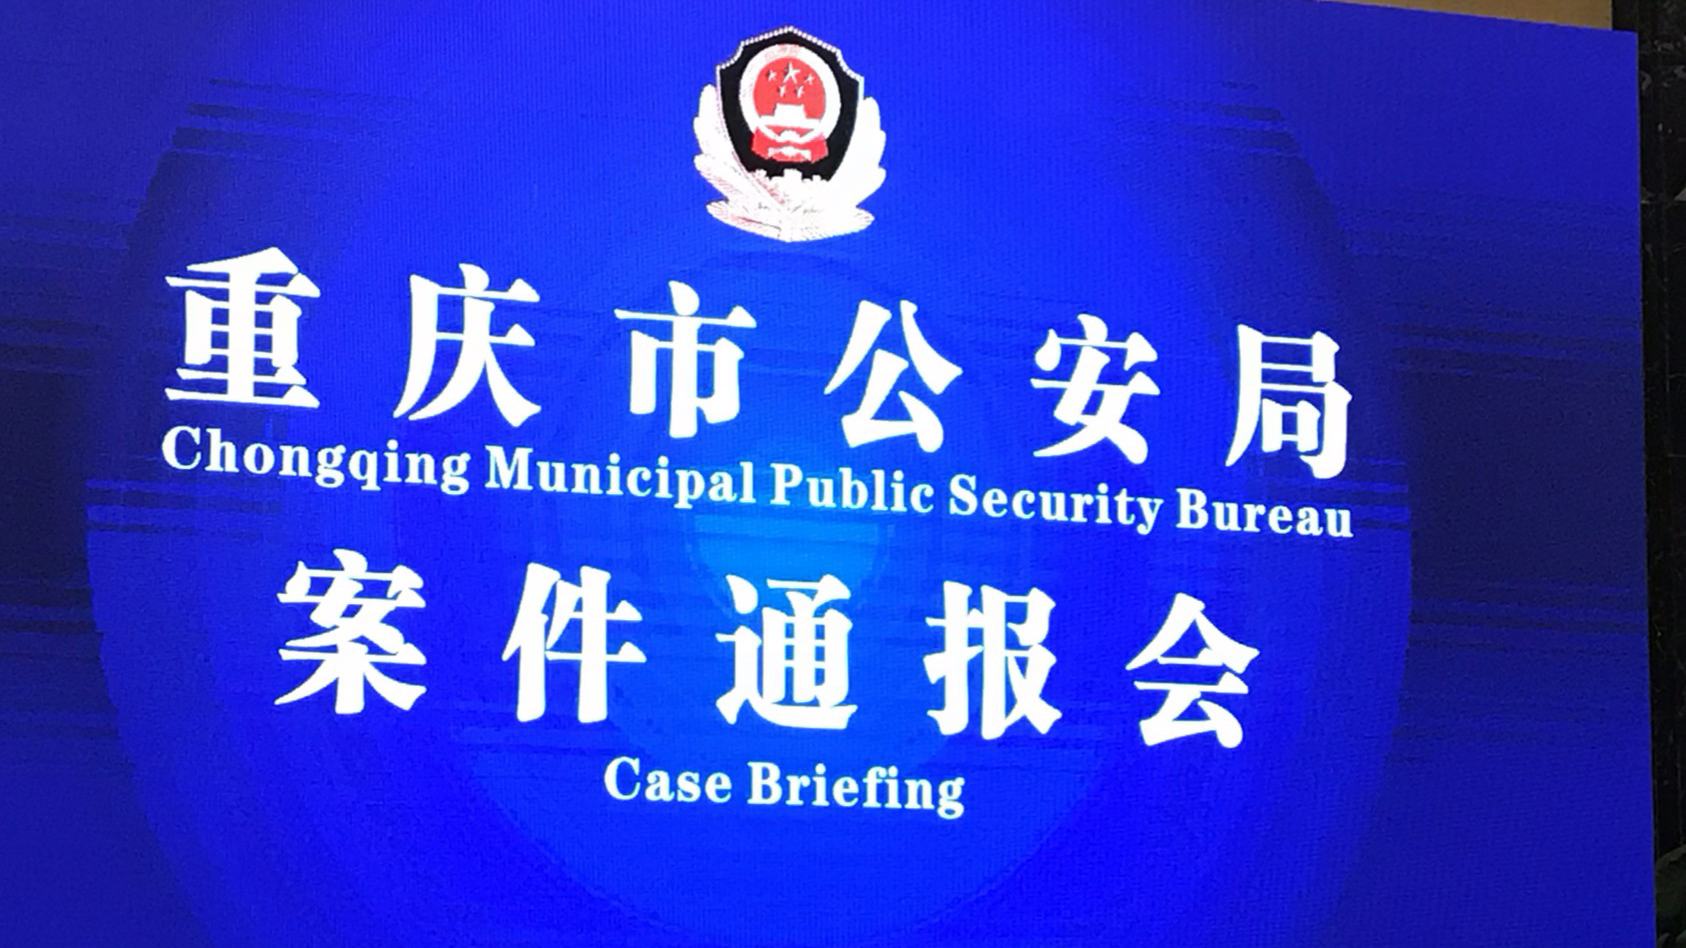 郭文贵等人伪造国家机关公文案被侦破